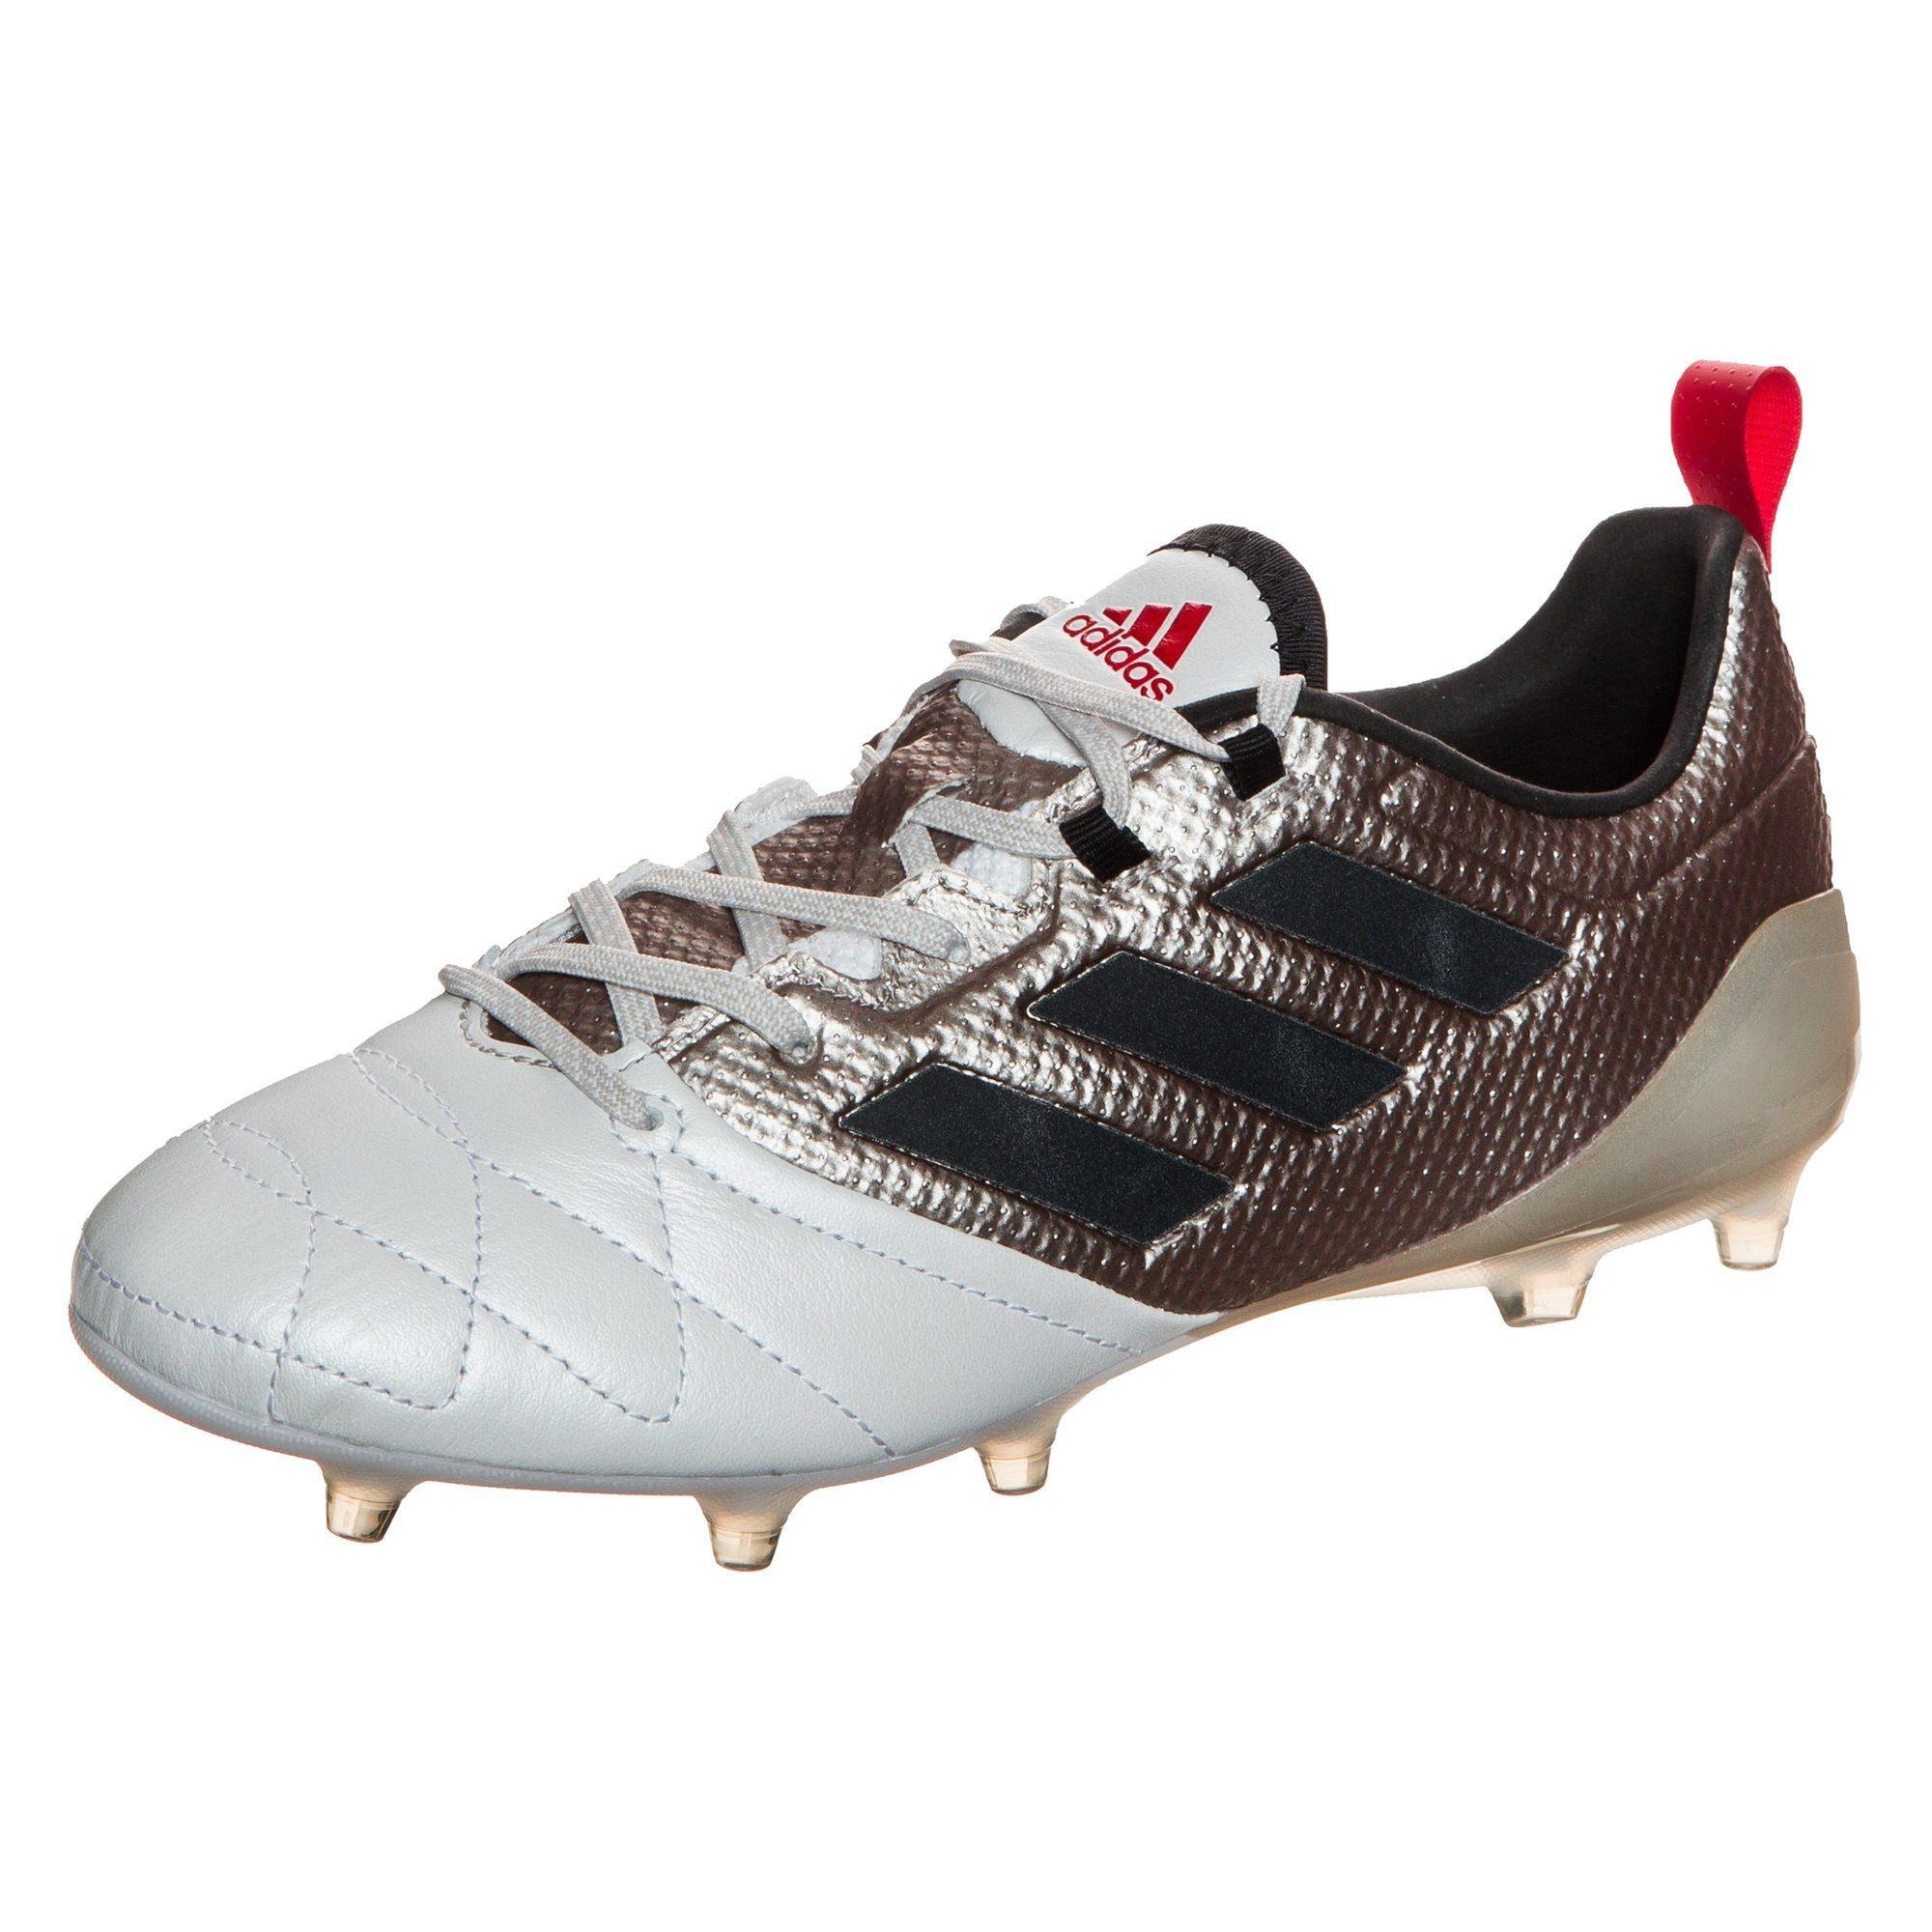 adidas Performance ACE 17.1 FG Herren Fußballschuhe Schwarz